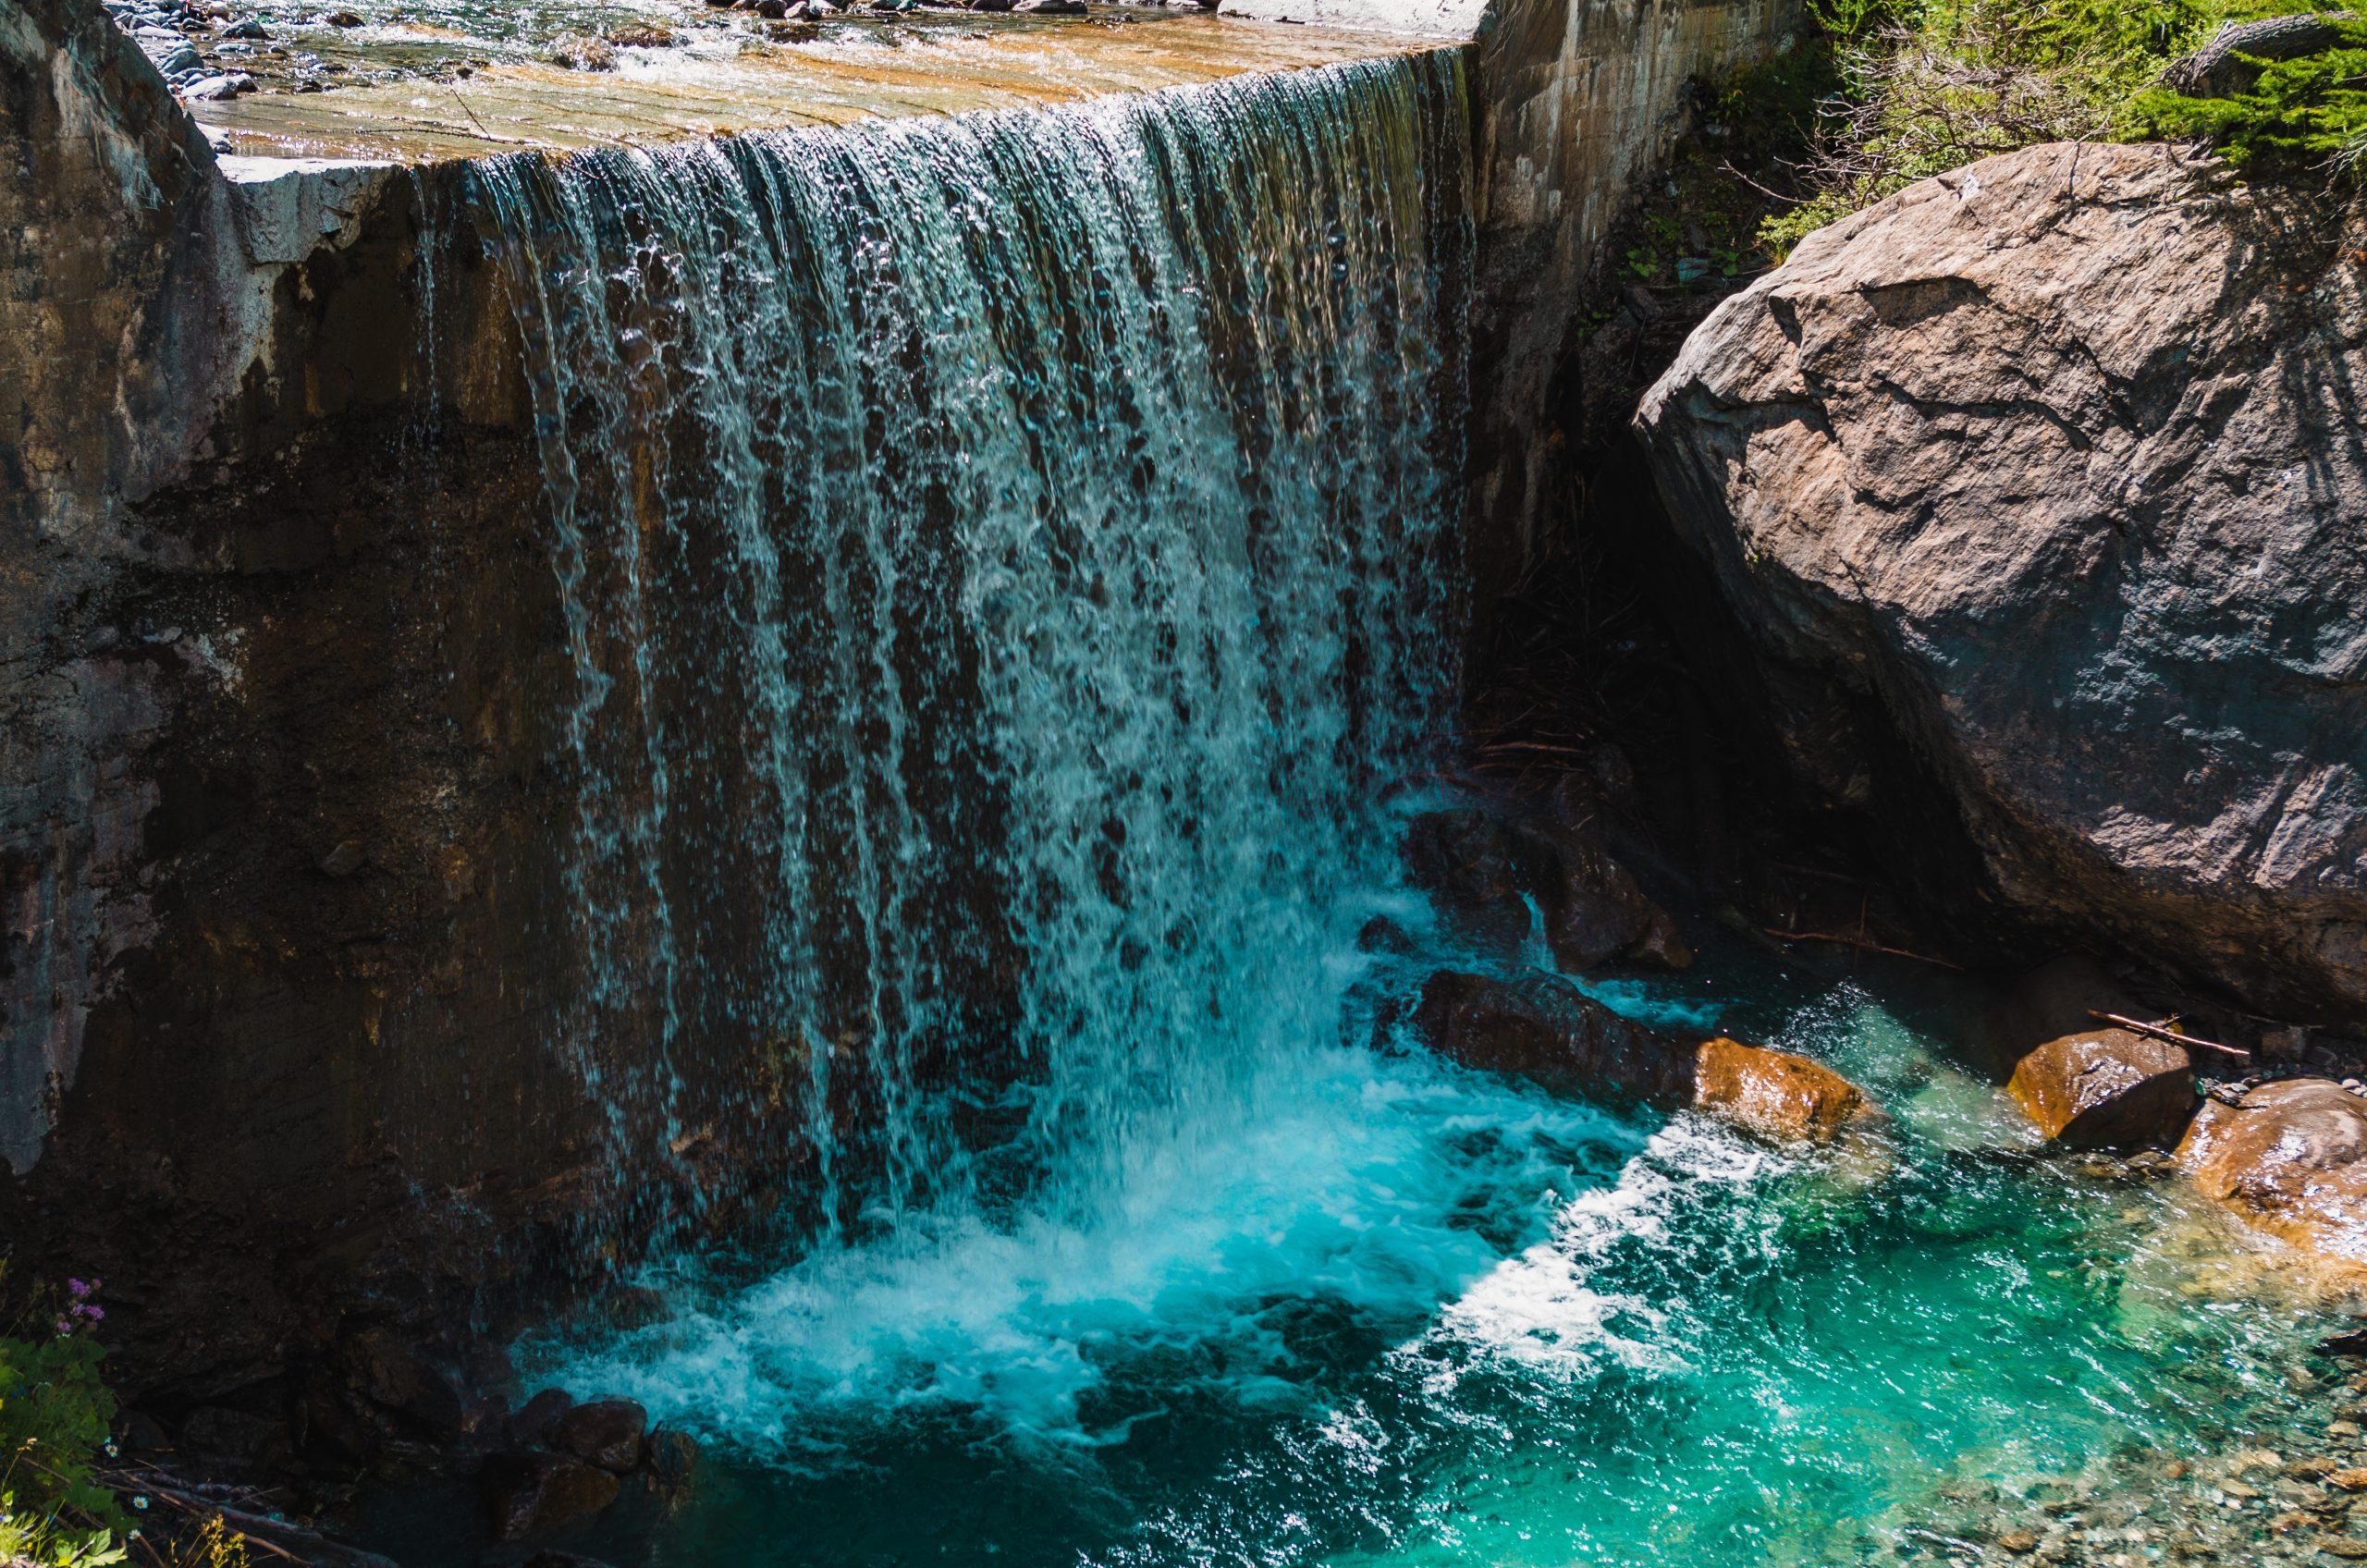 Aguas termales en medio de la naturaleza